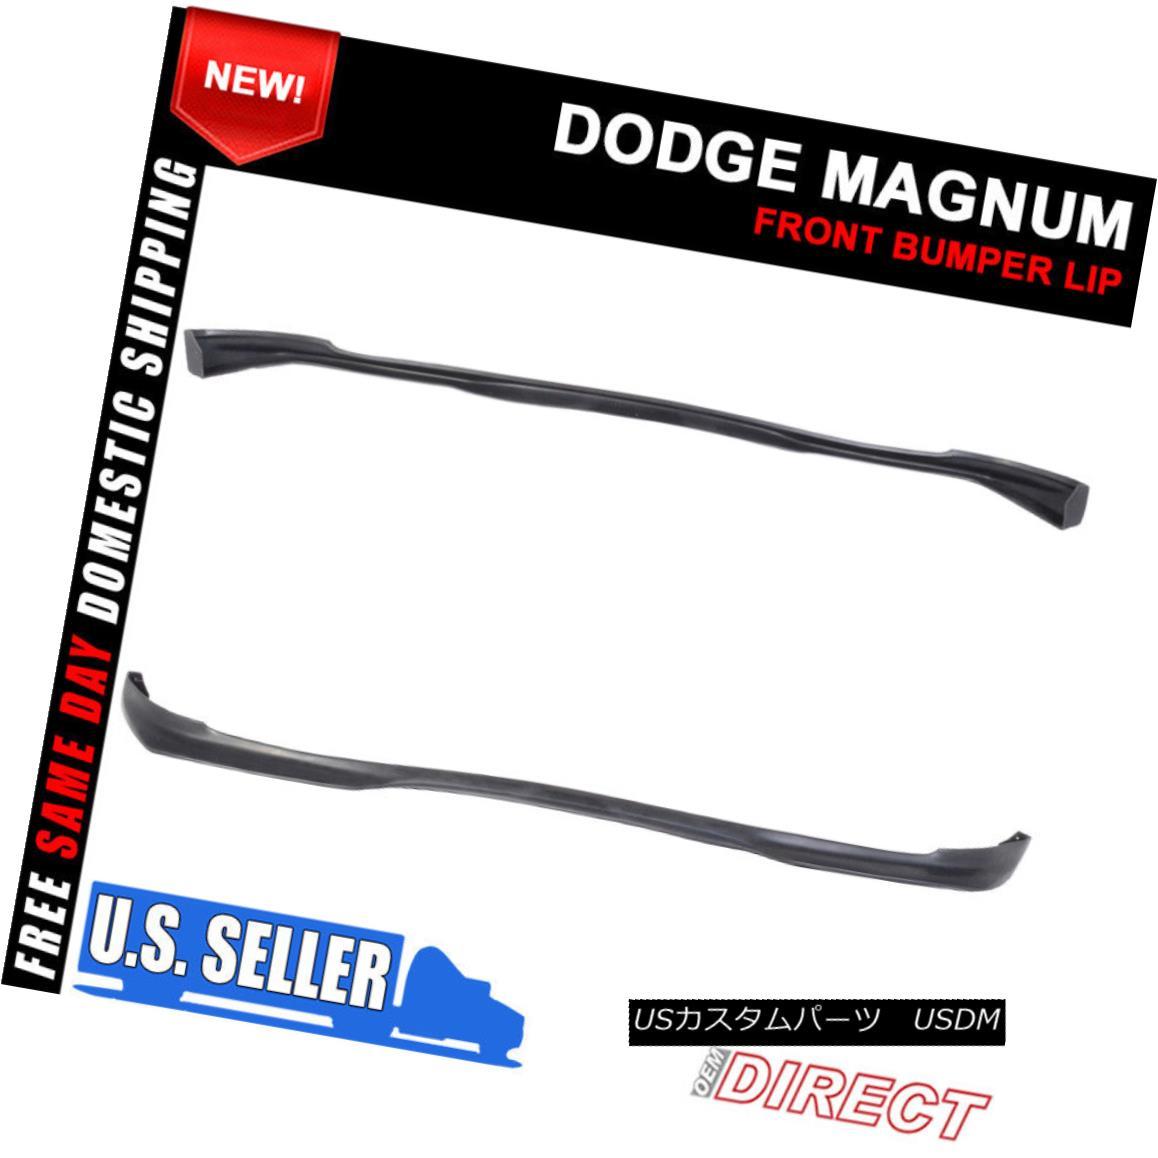 エアロパーツ For 05-08 Dodge Magnum RA Style Front Bumper Lip Spoiler PU 05-08ダッジマグナムRAスタイルフロントバンパーリップスポイラーPU